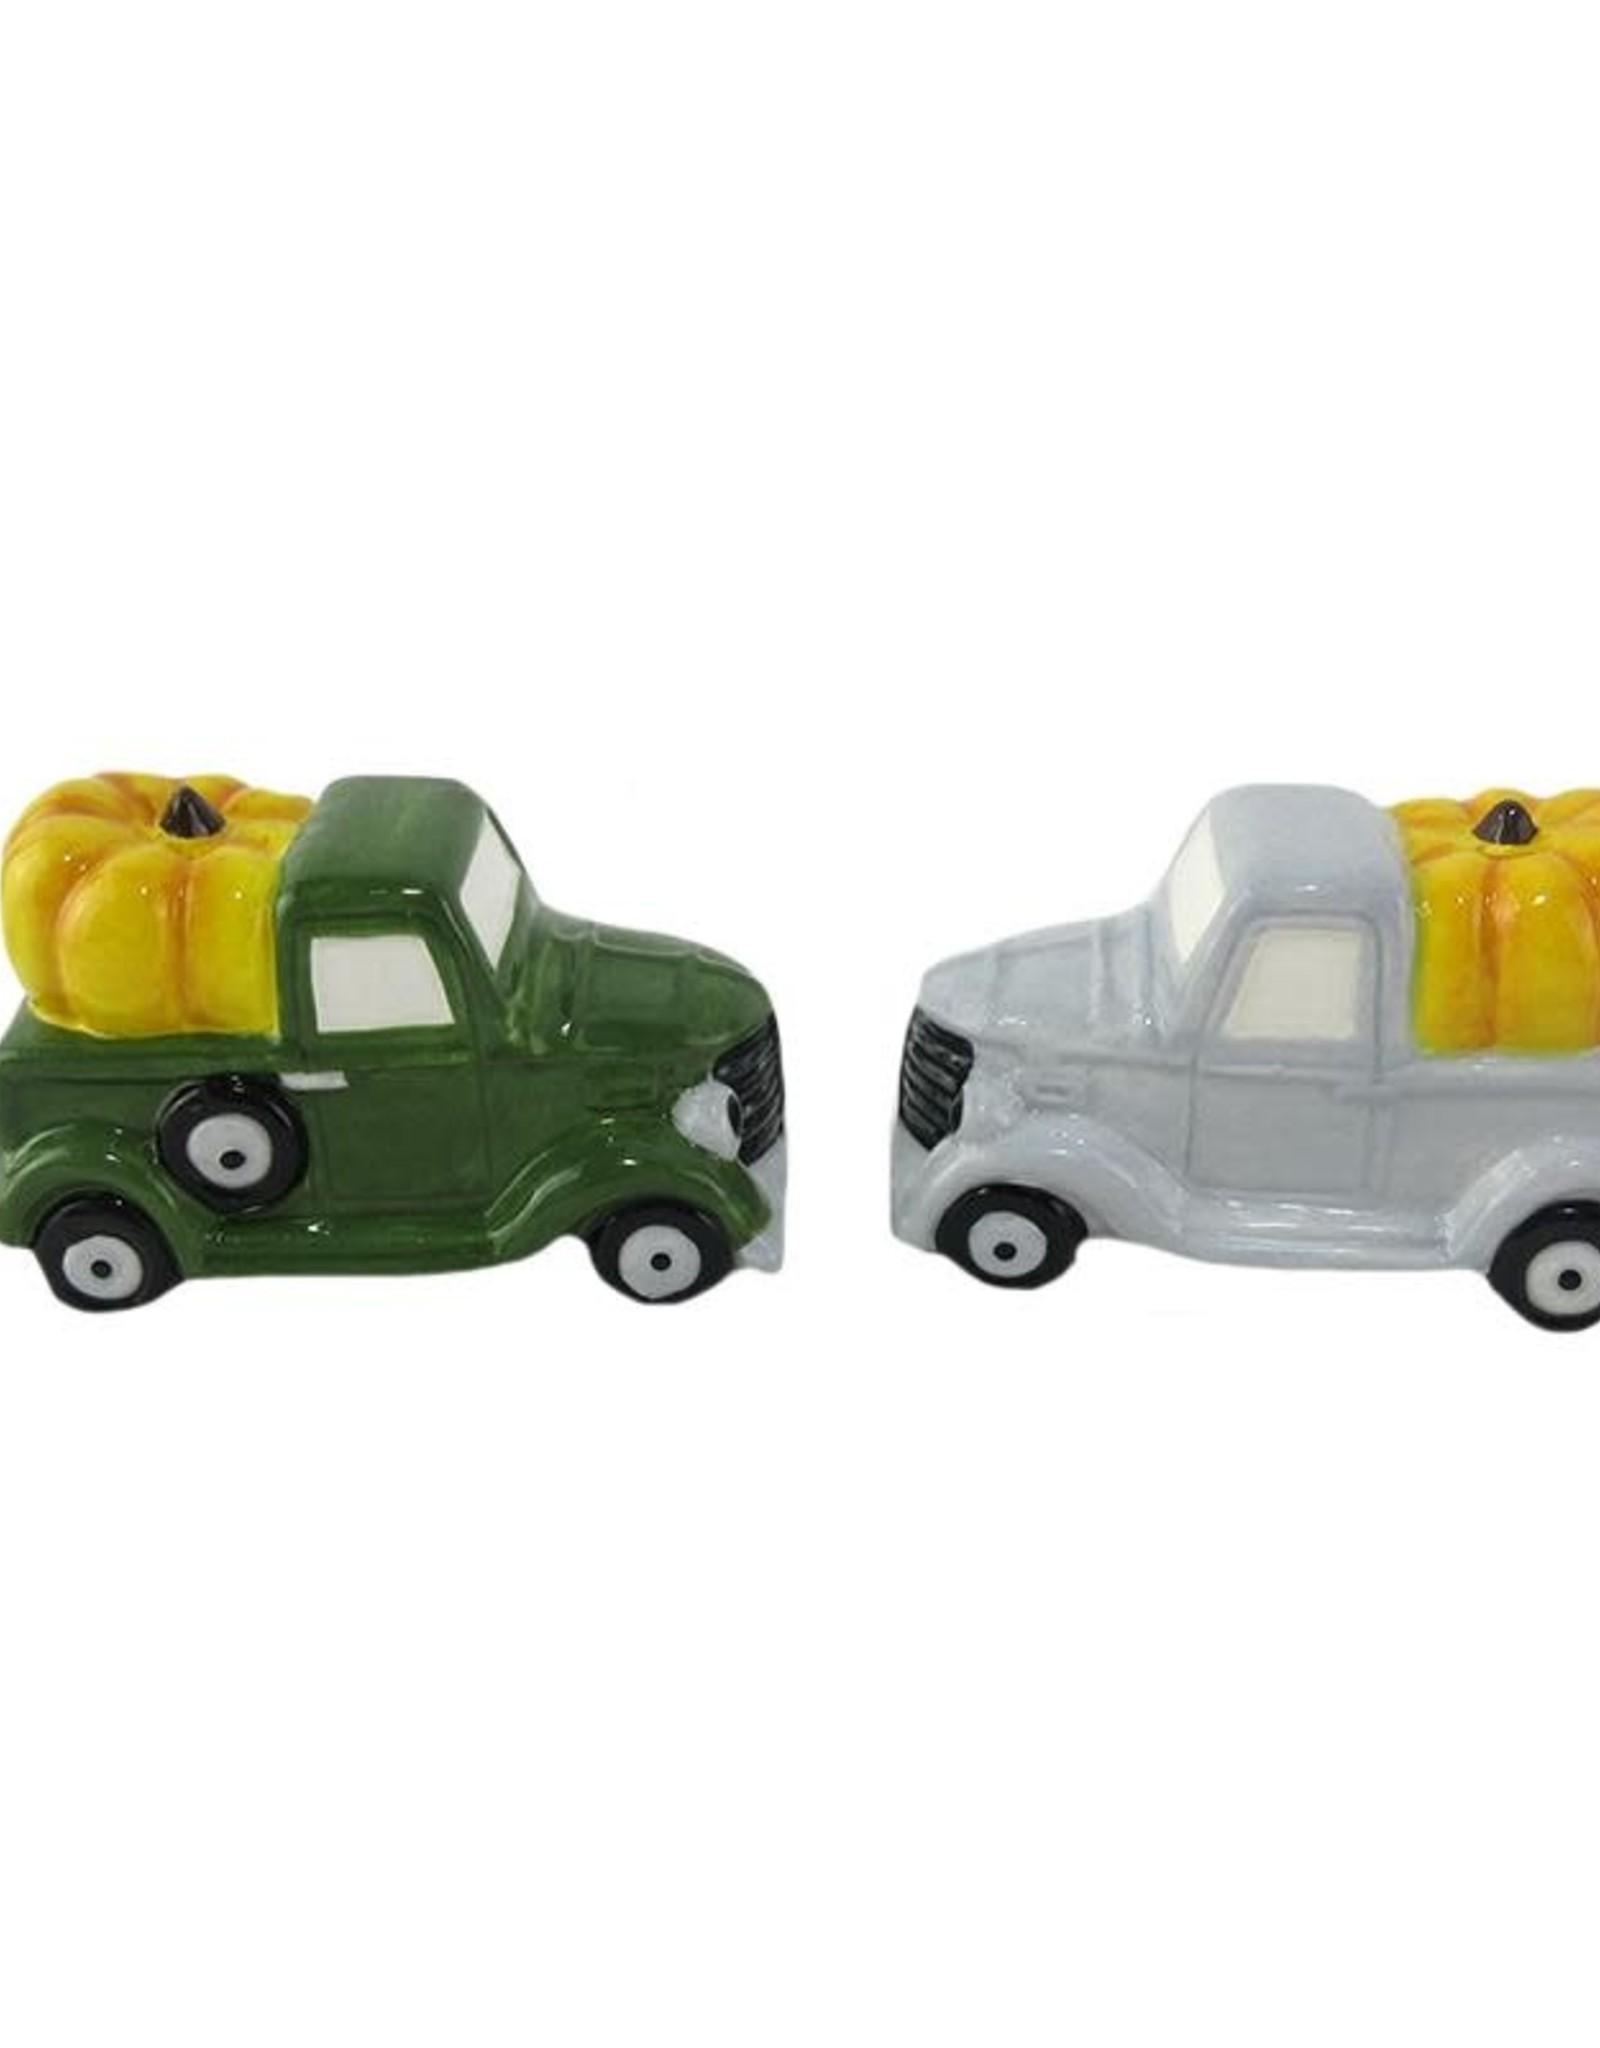 Truck Salt & Pepper Set